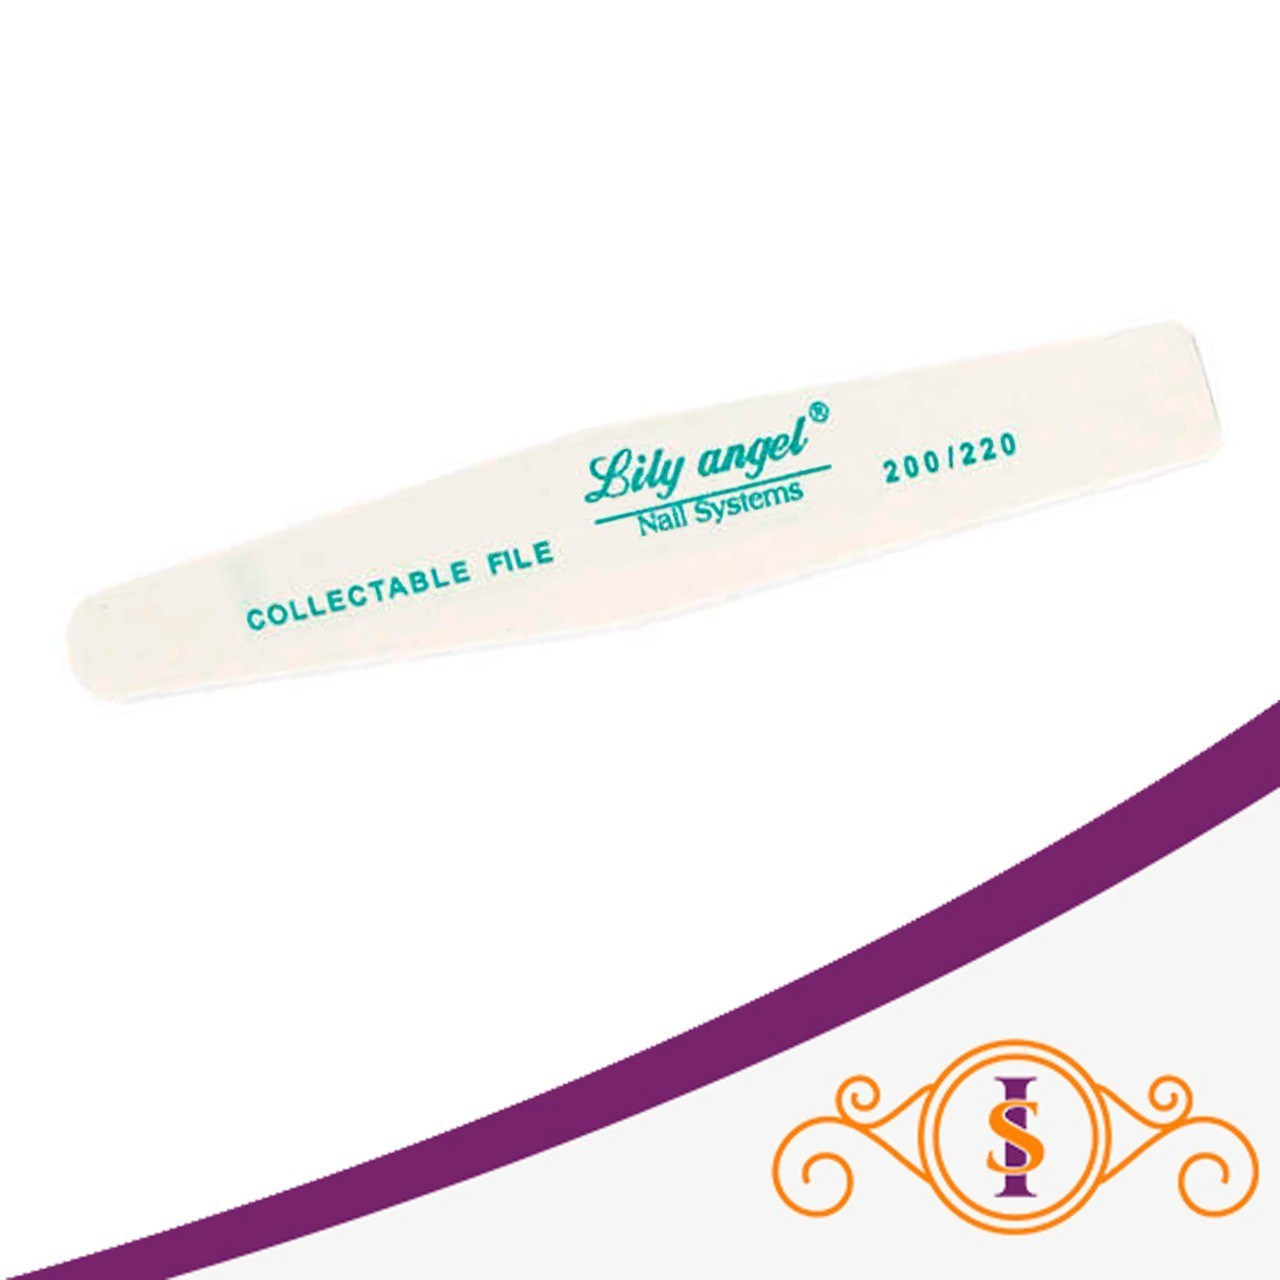 Lixa Caixão Lily Angel 200/220  - 1 unidade